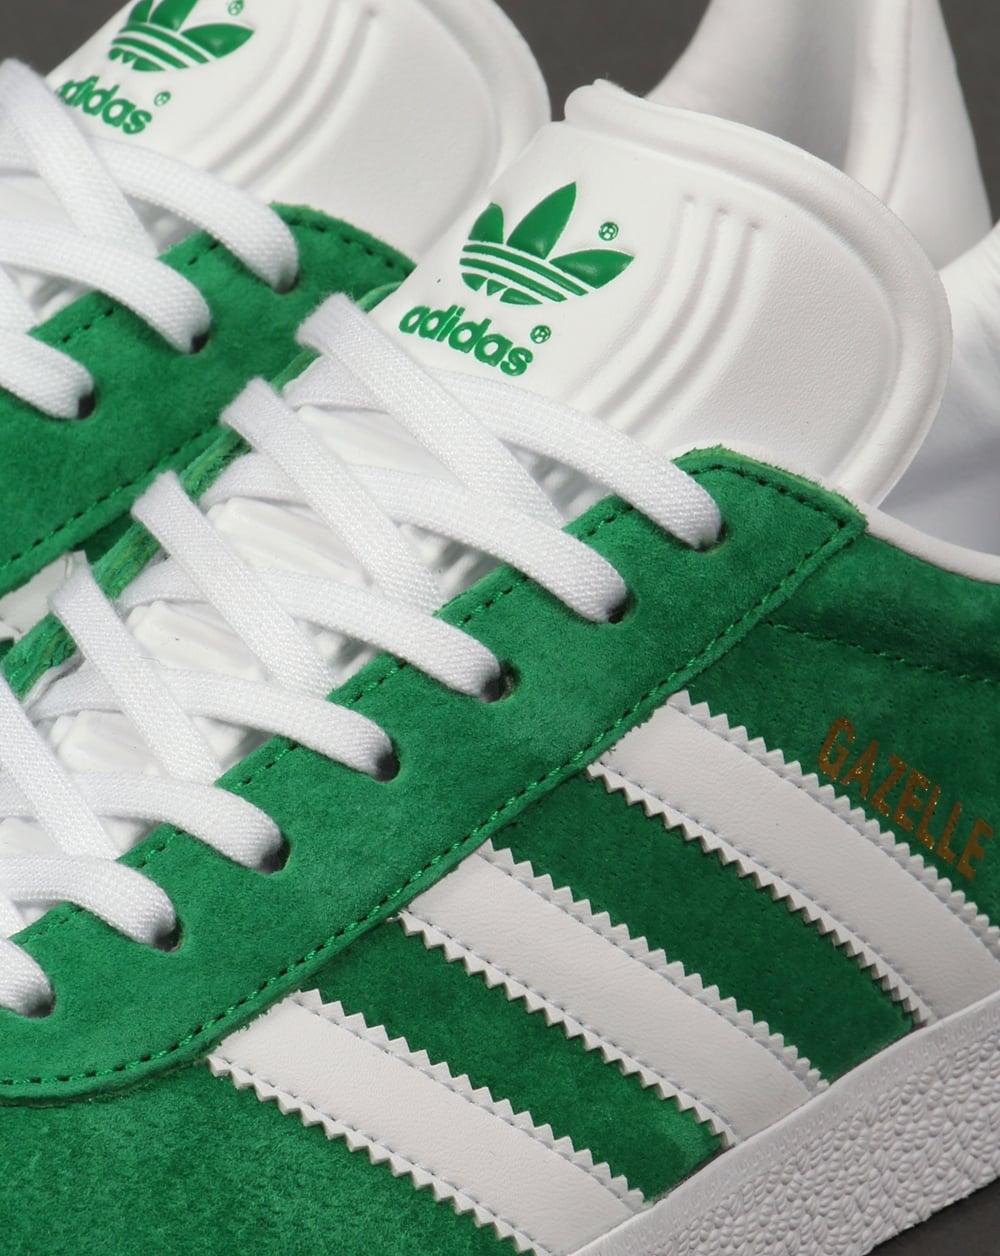 Adidas Gazelle Green And White